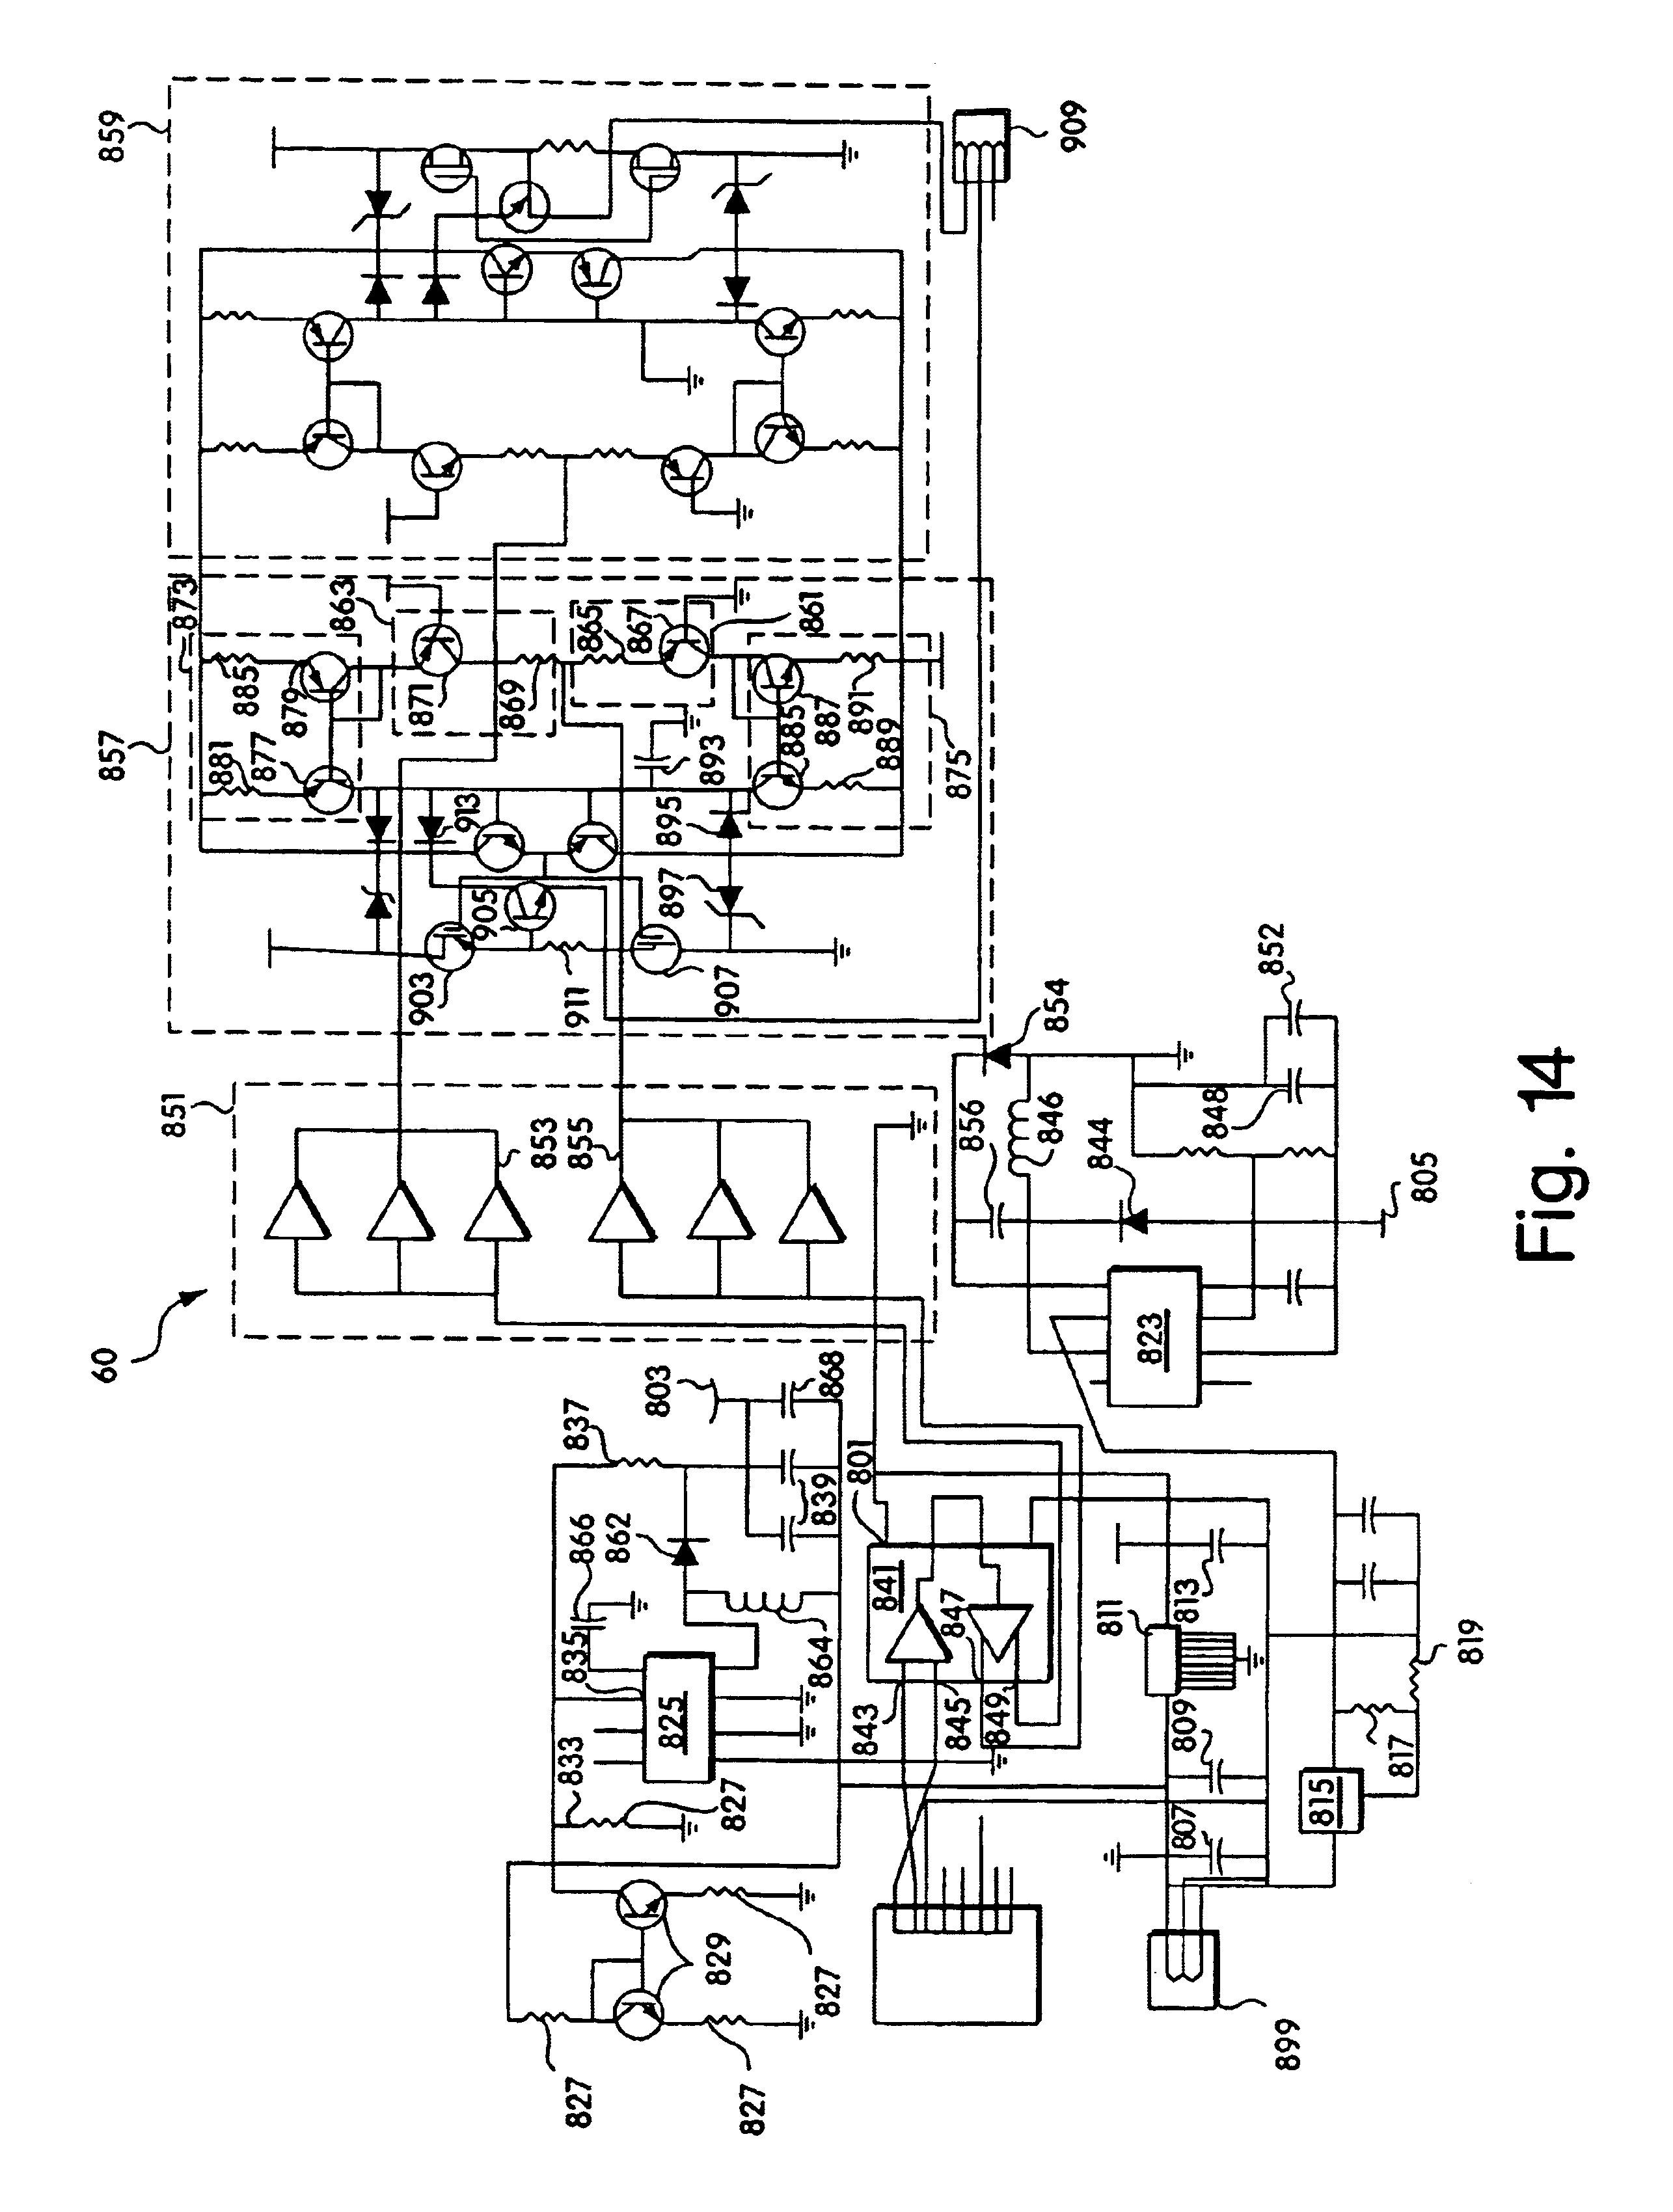 Magnetek 6345 Diagram